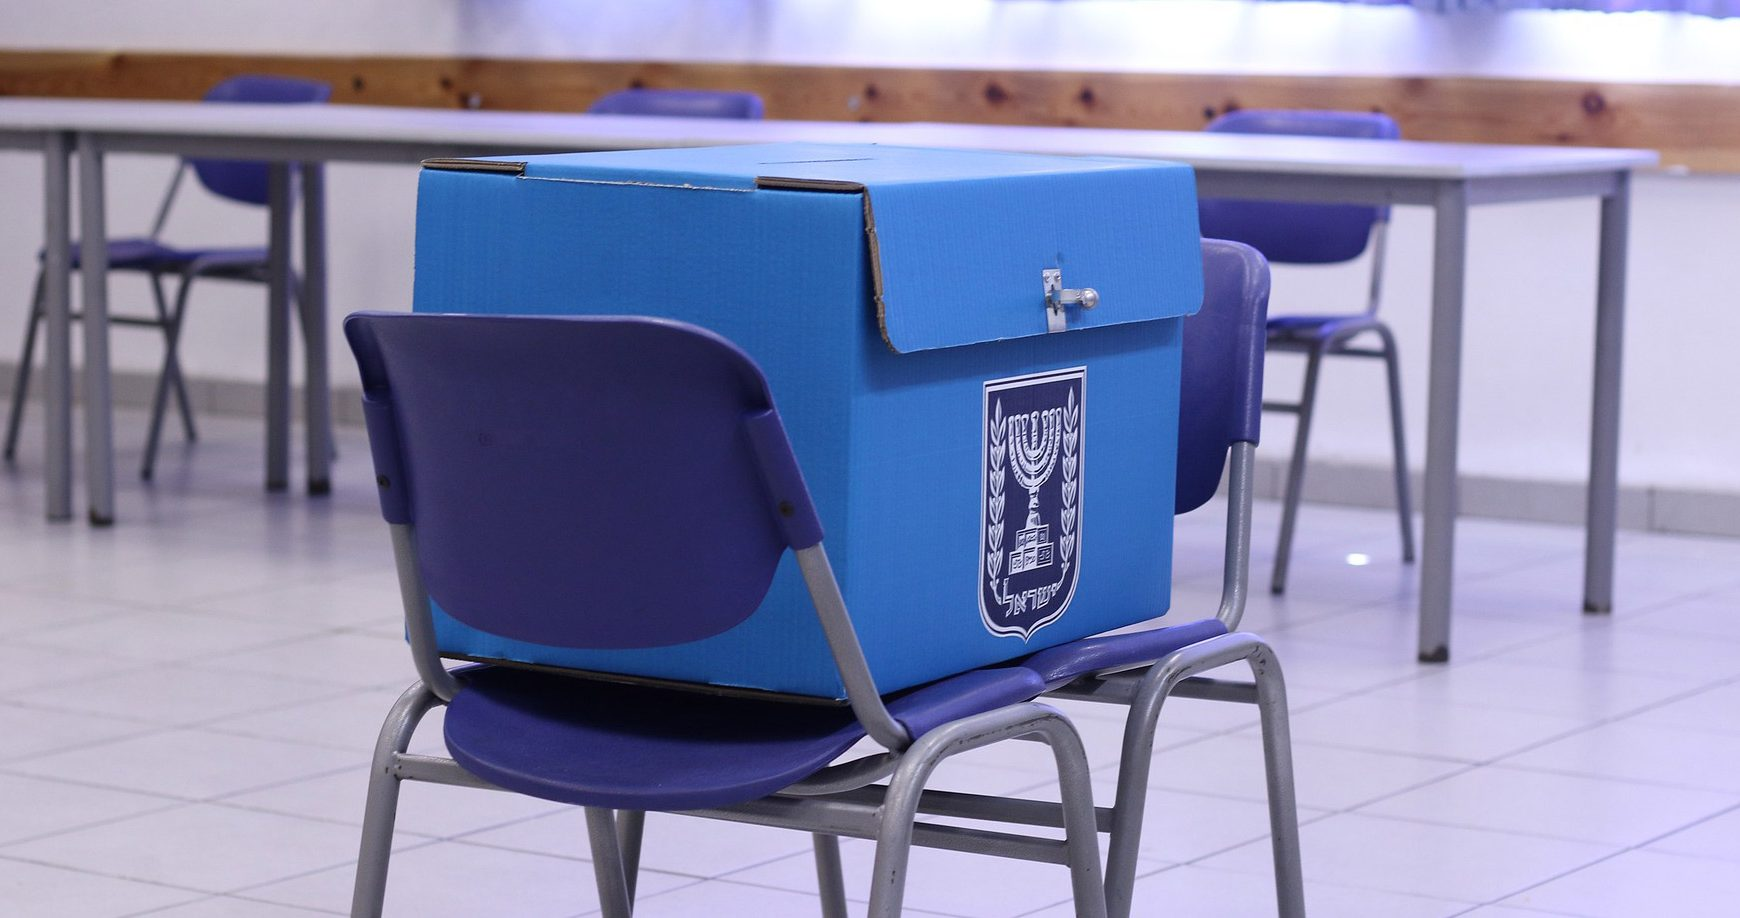 Chyba v aplikácii odhalila osobné údaje všetkých voličov v Izraeli